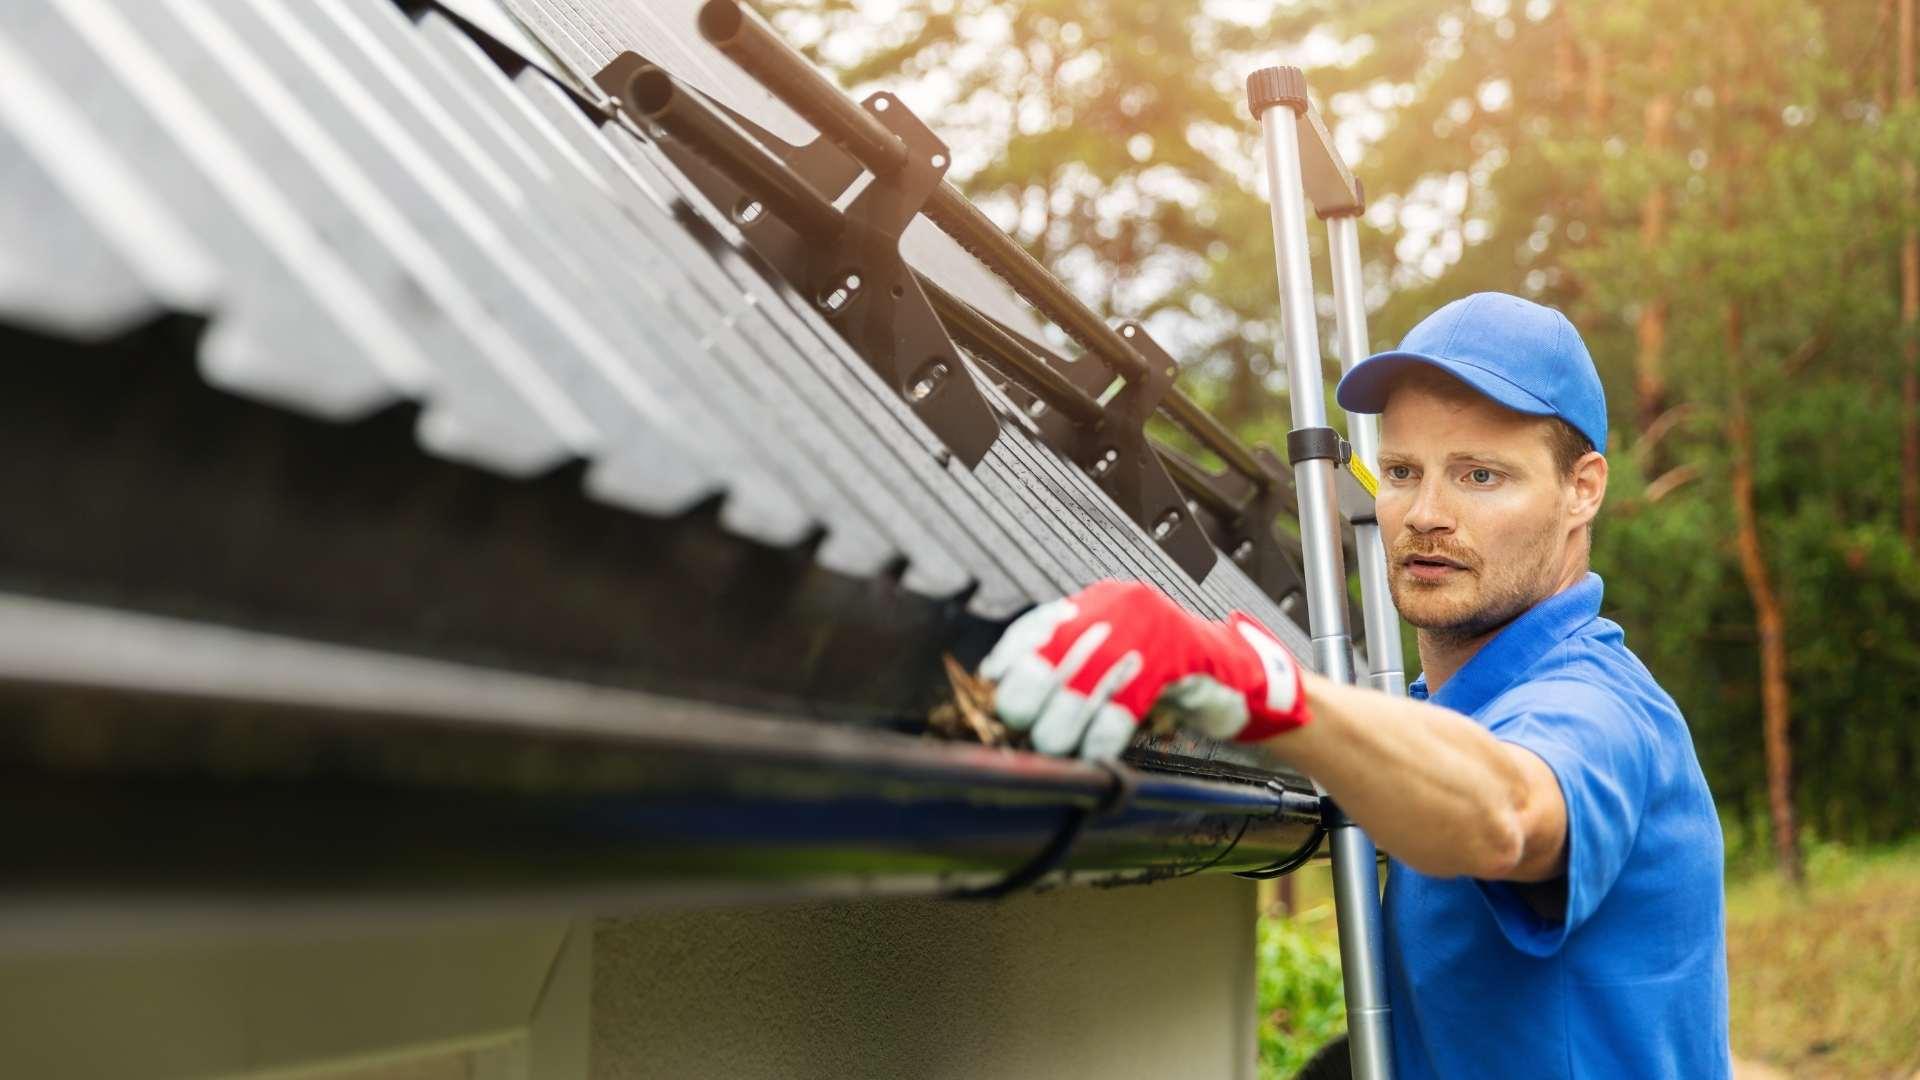 Residential Roof Repair in clayton, NC